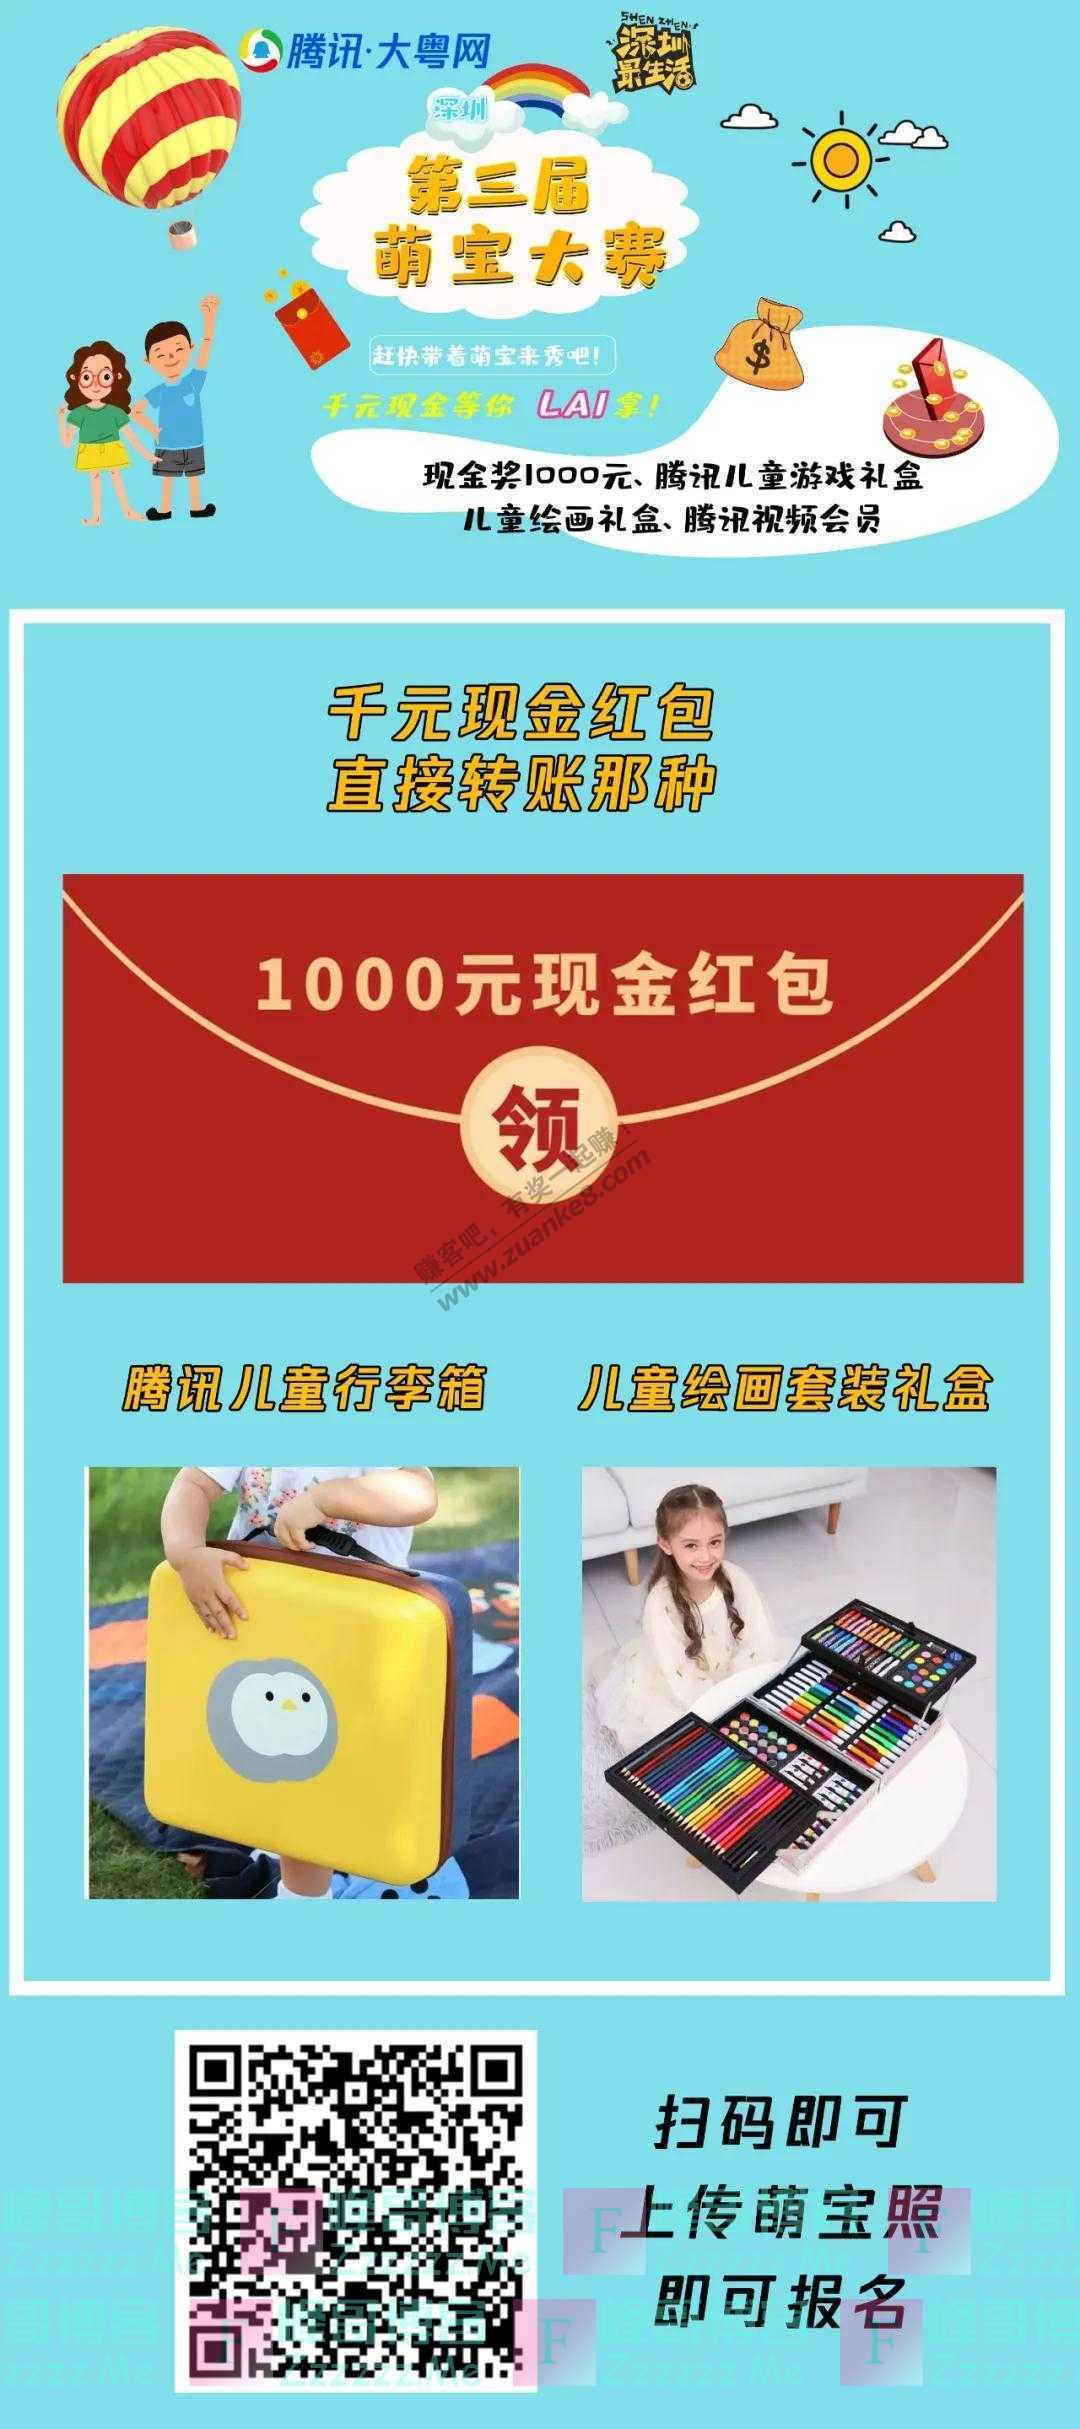 深圳最生活最小妹拍了拍你!1000元现金红包直接领(截止7月30日)